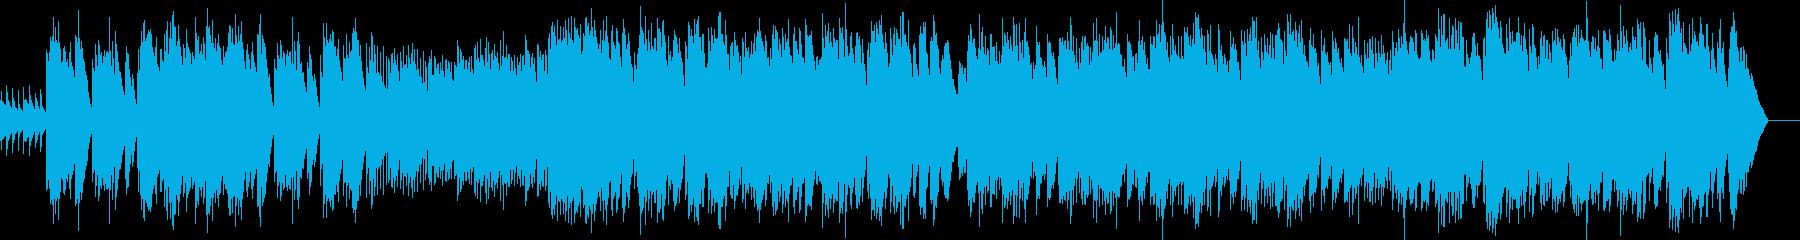 第7曲 葦笛の踊り(オルゴール)の再生済みの波形